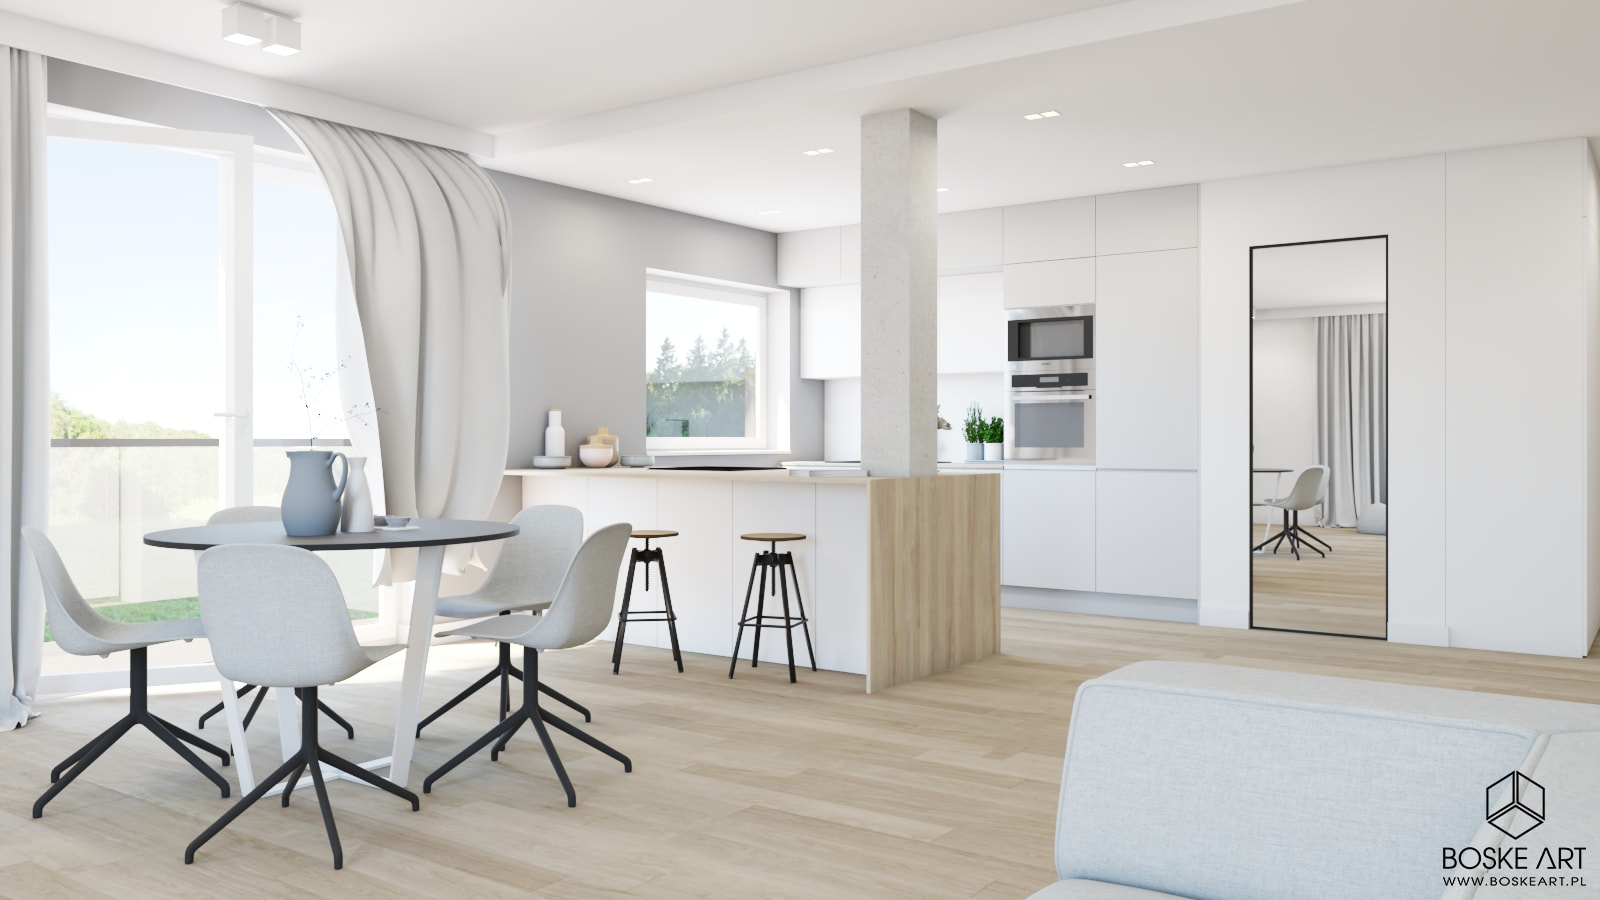 2_mieszkanie_jarocin_boske_art_projektowanie_wnetrz_architektura_natalia_robaszkiewicz-min